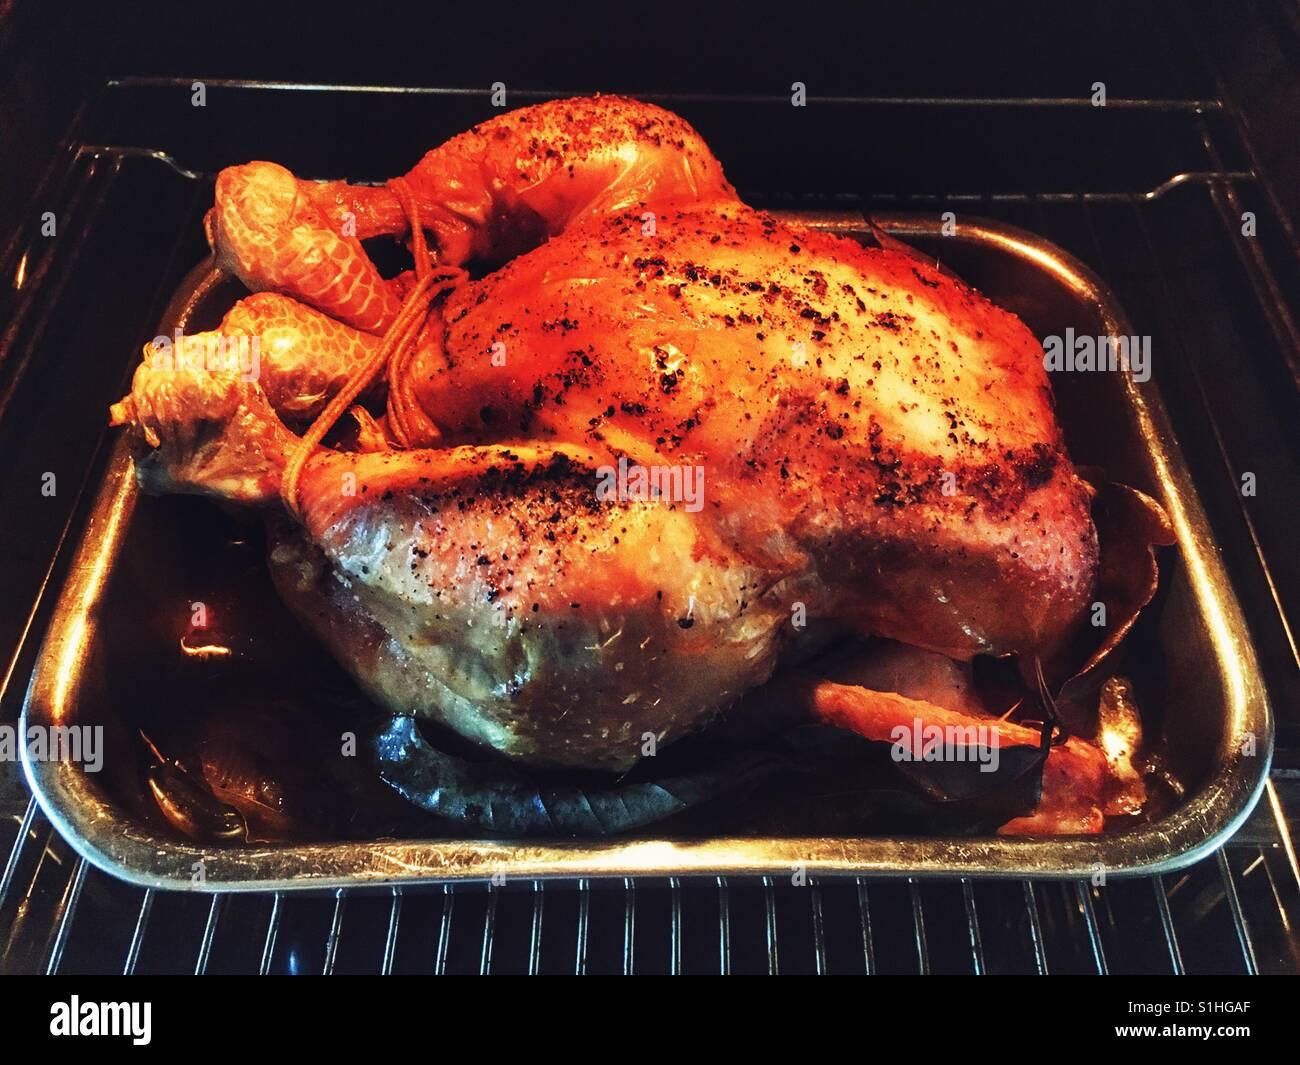 Freilandhaltung Hähnchen Braten Im Ofen Stockfoto Bild 310787303